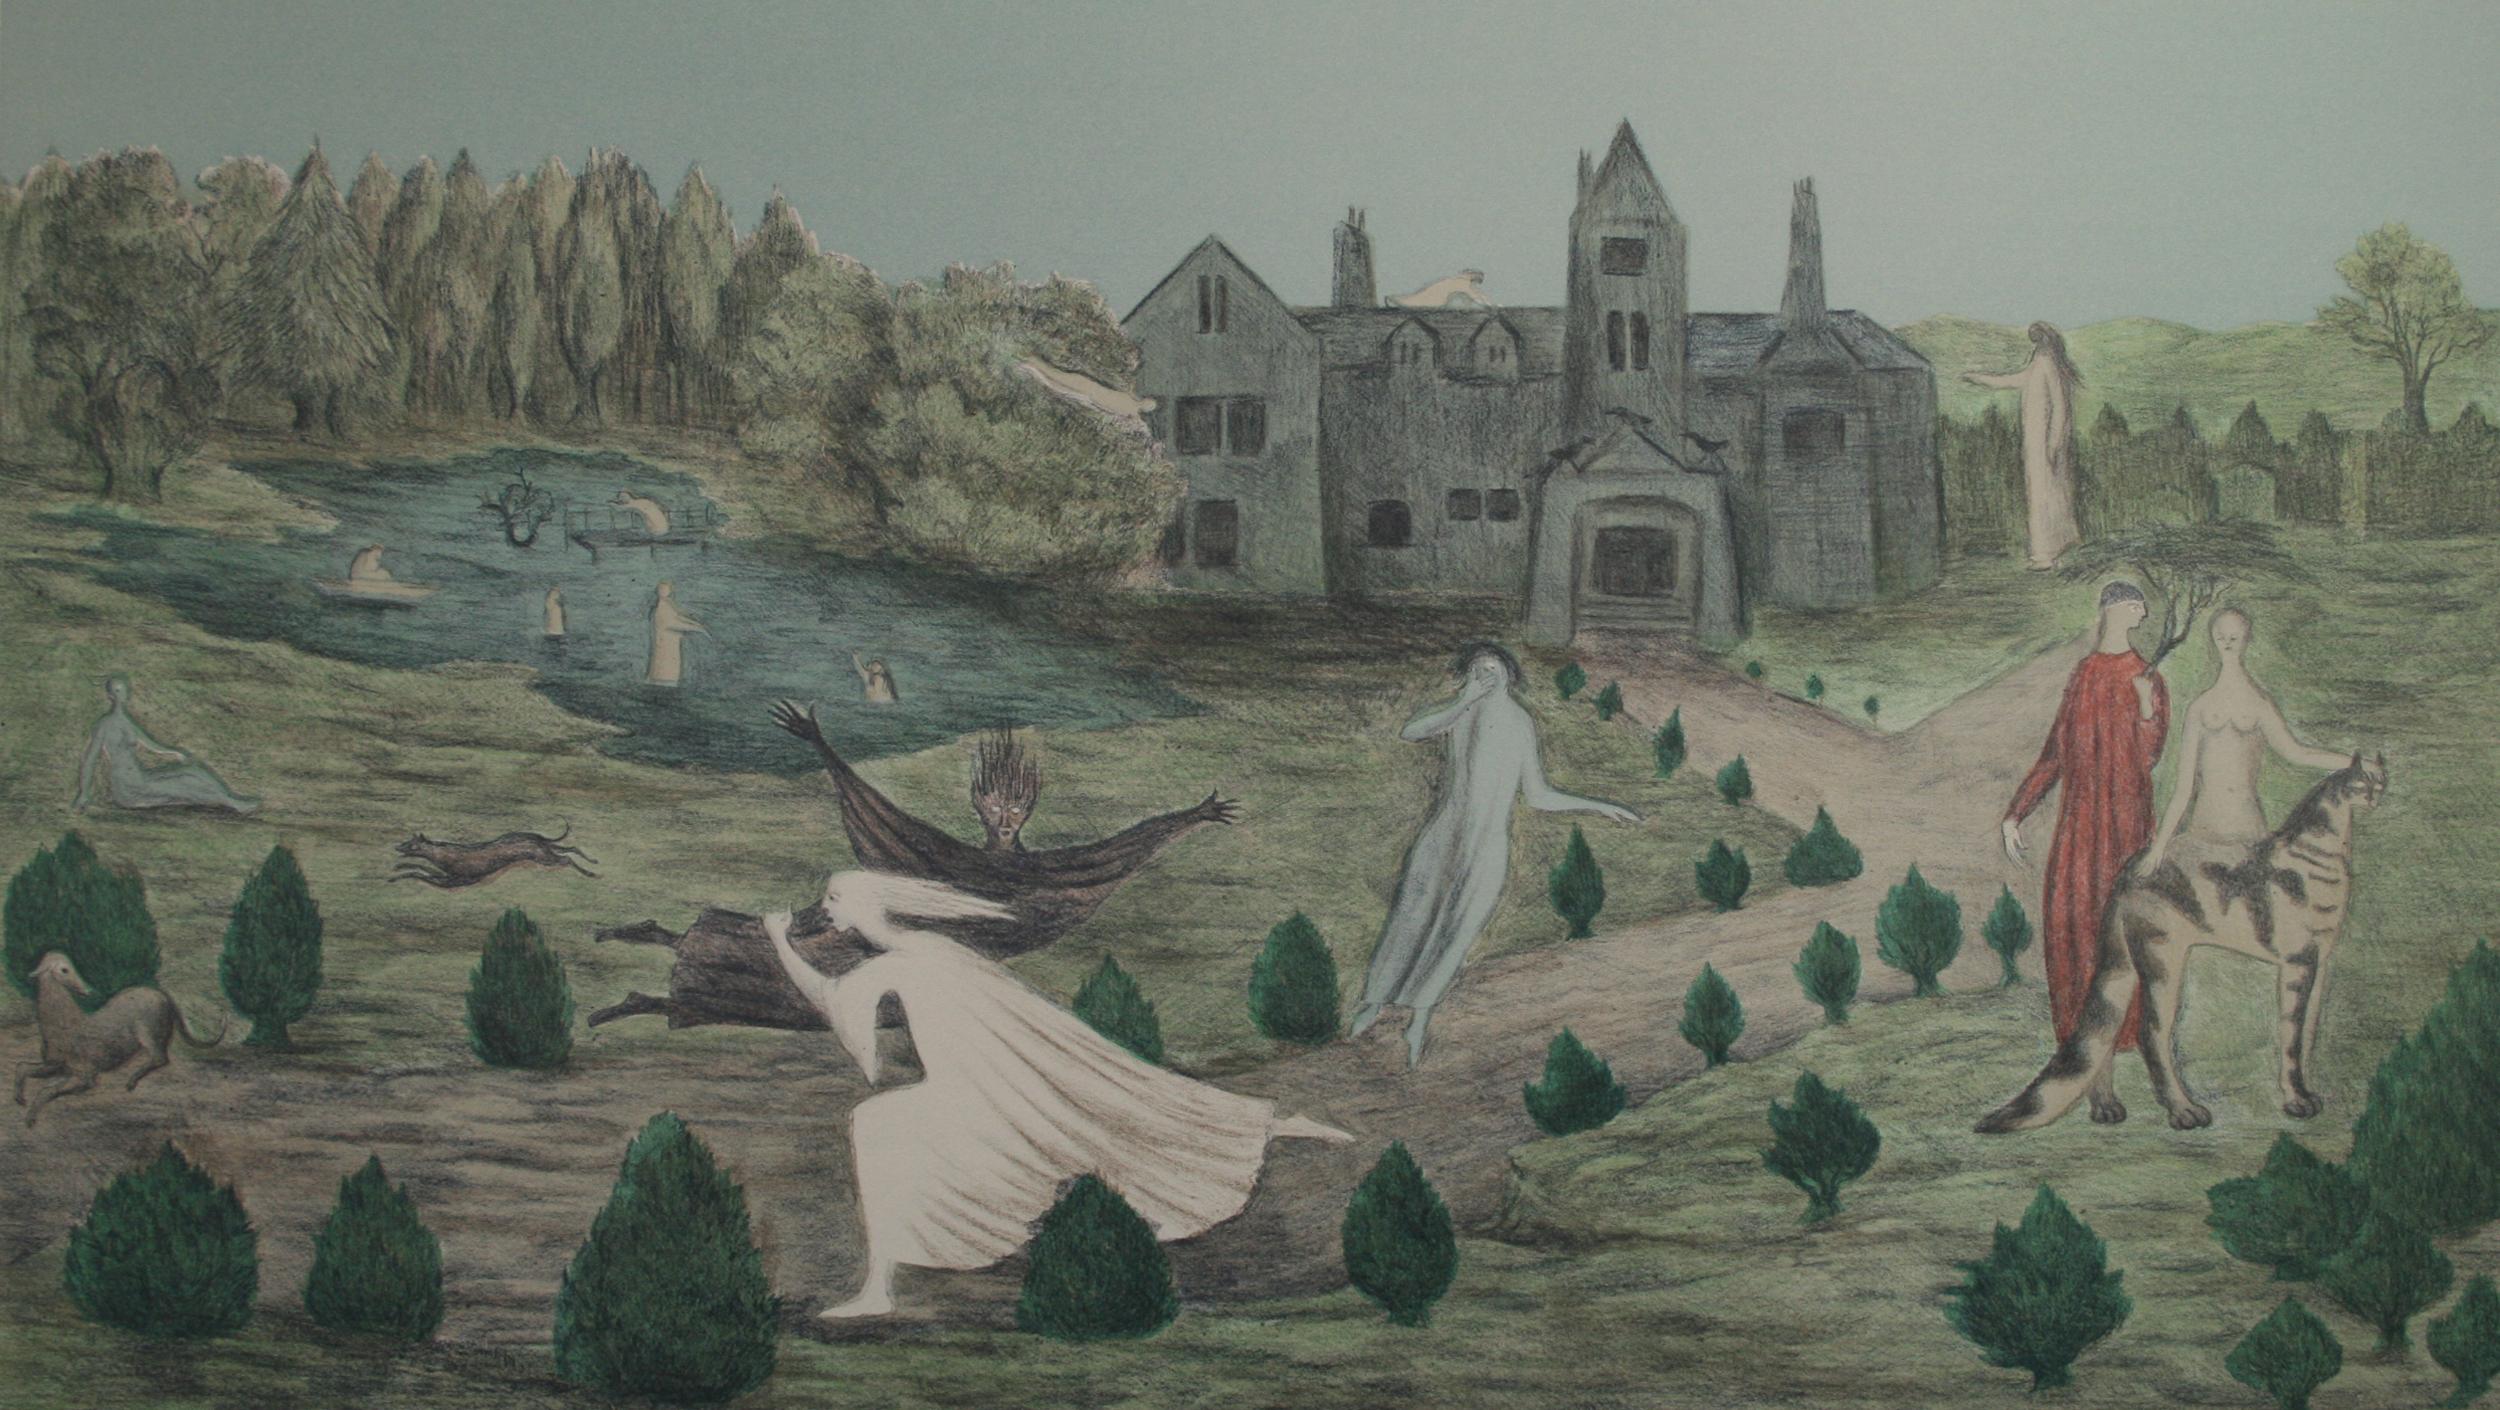 Crookhey Hall by Leonora Carrington